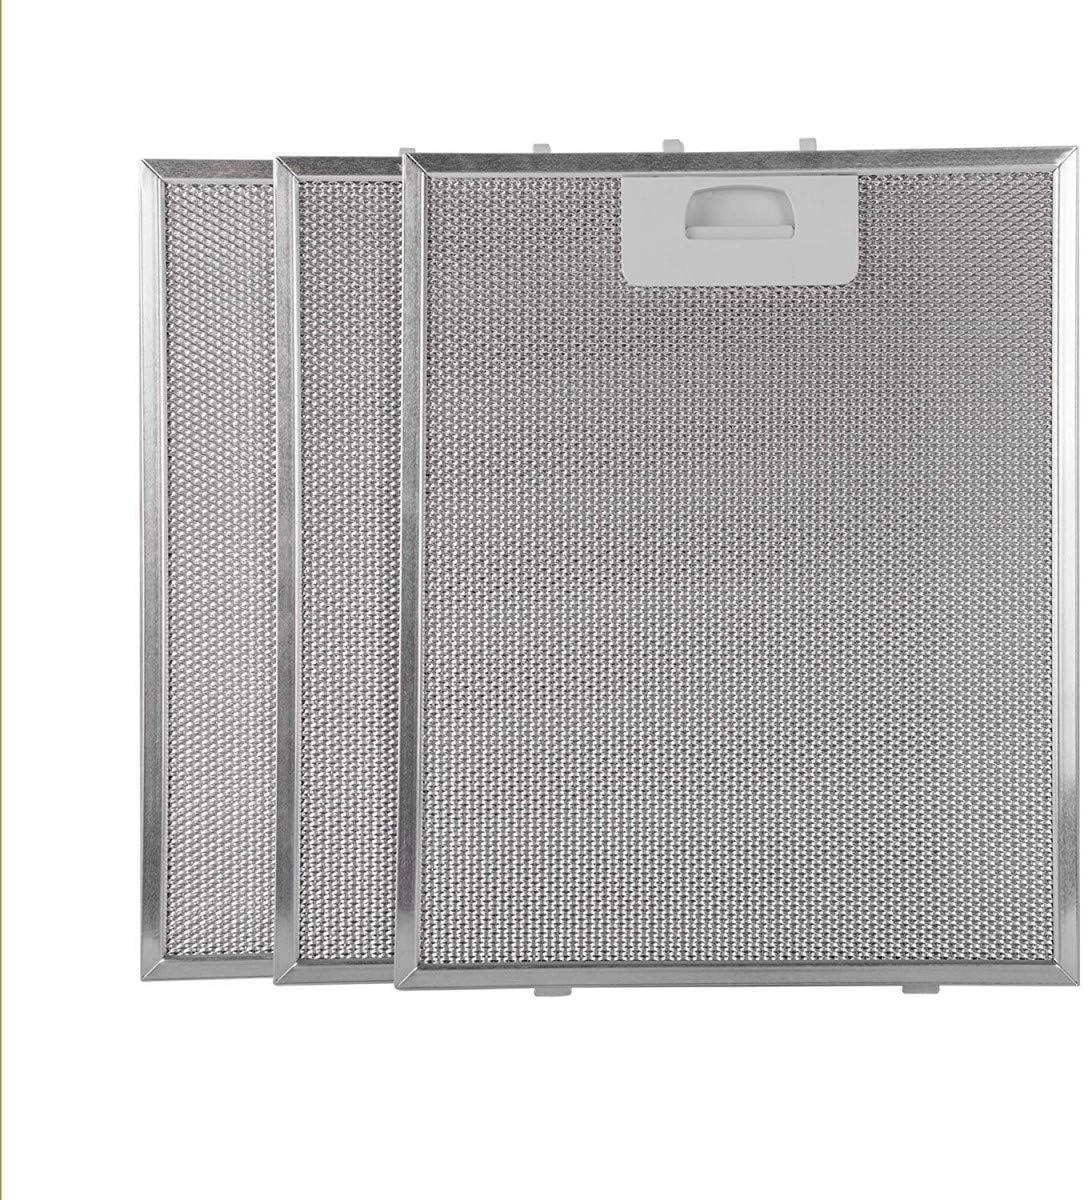 Recamania Filtro Campana extractora 320x260-3 Unidades: Amazon.es: Hogar